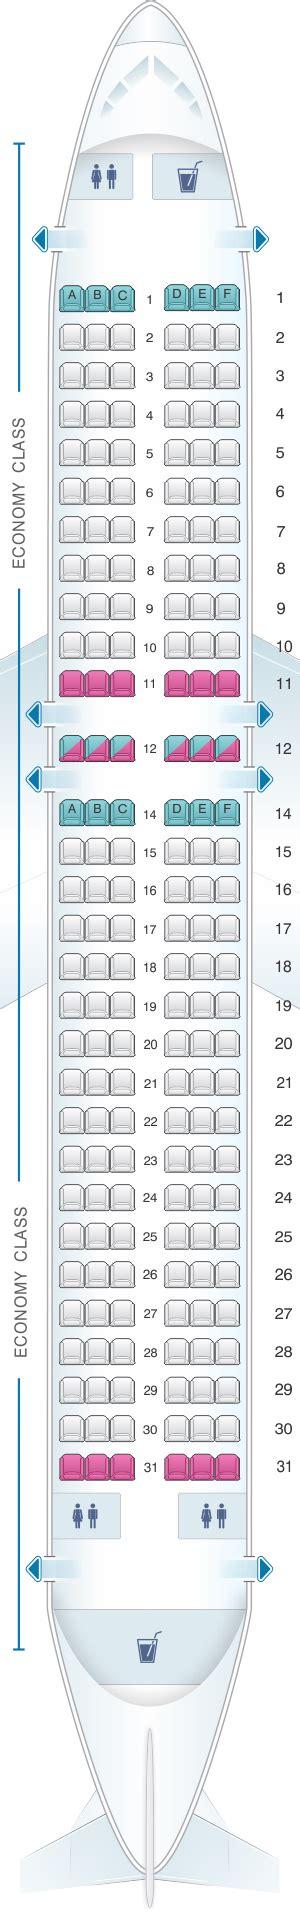 plan des sieges airbus a320 plan de cabine vueling airbus a320 seatmaestro fr